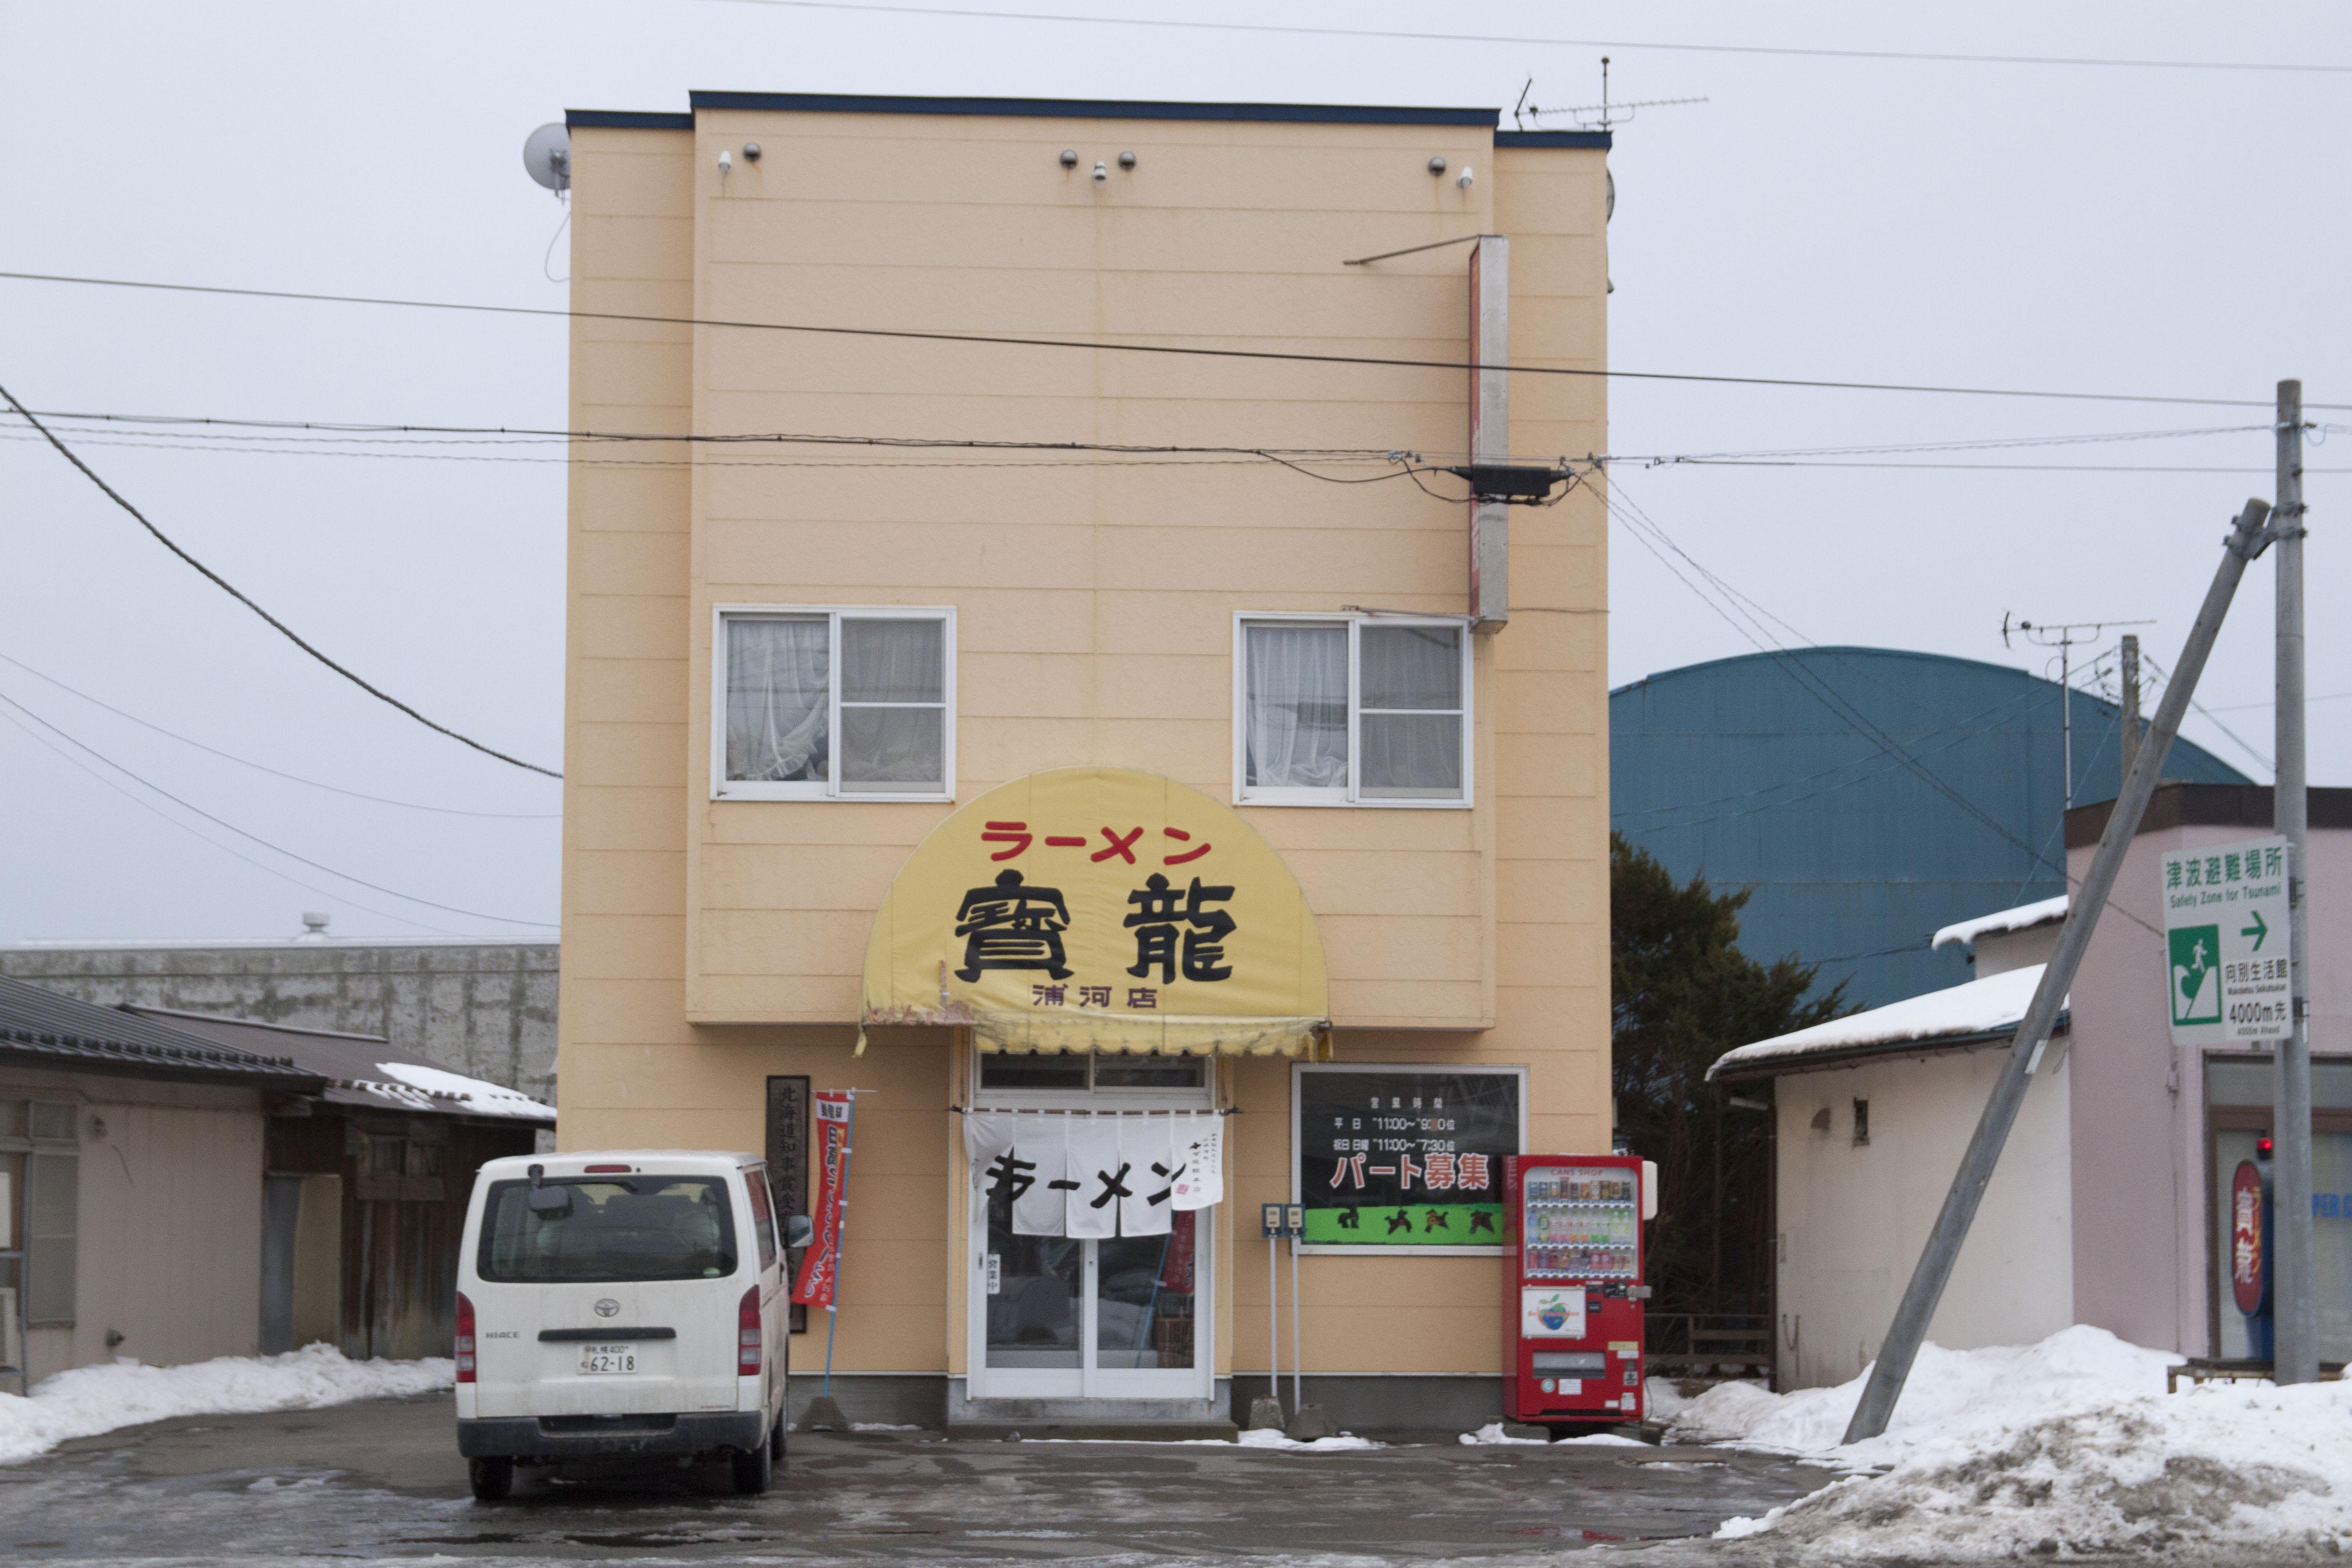 寶龍 浦河店